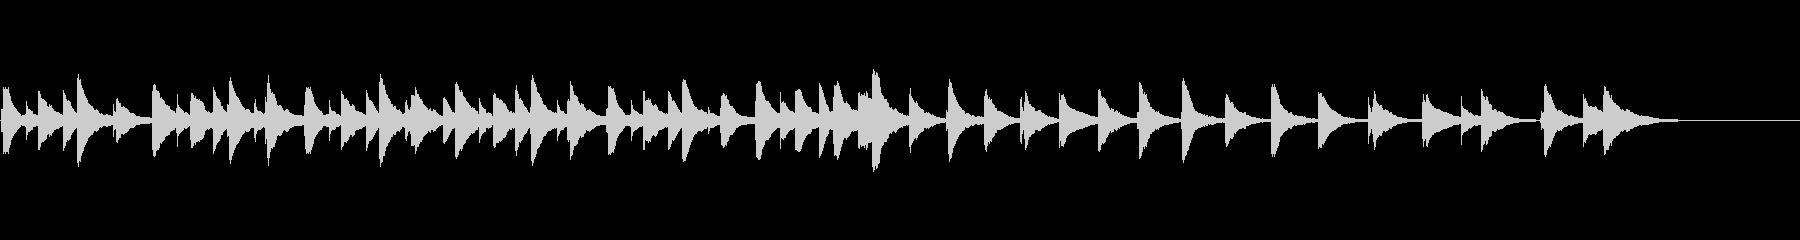 和風メロディのオルゴールの未再生の波形